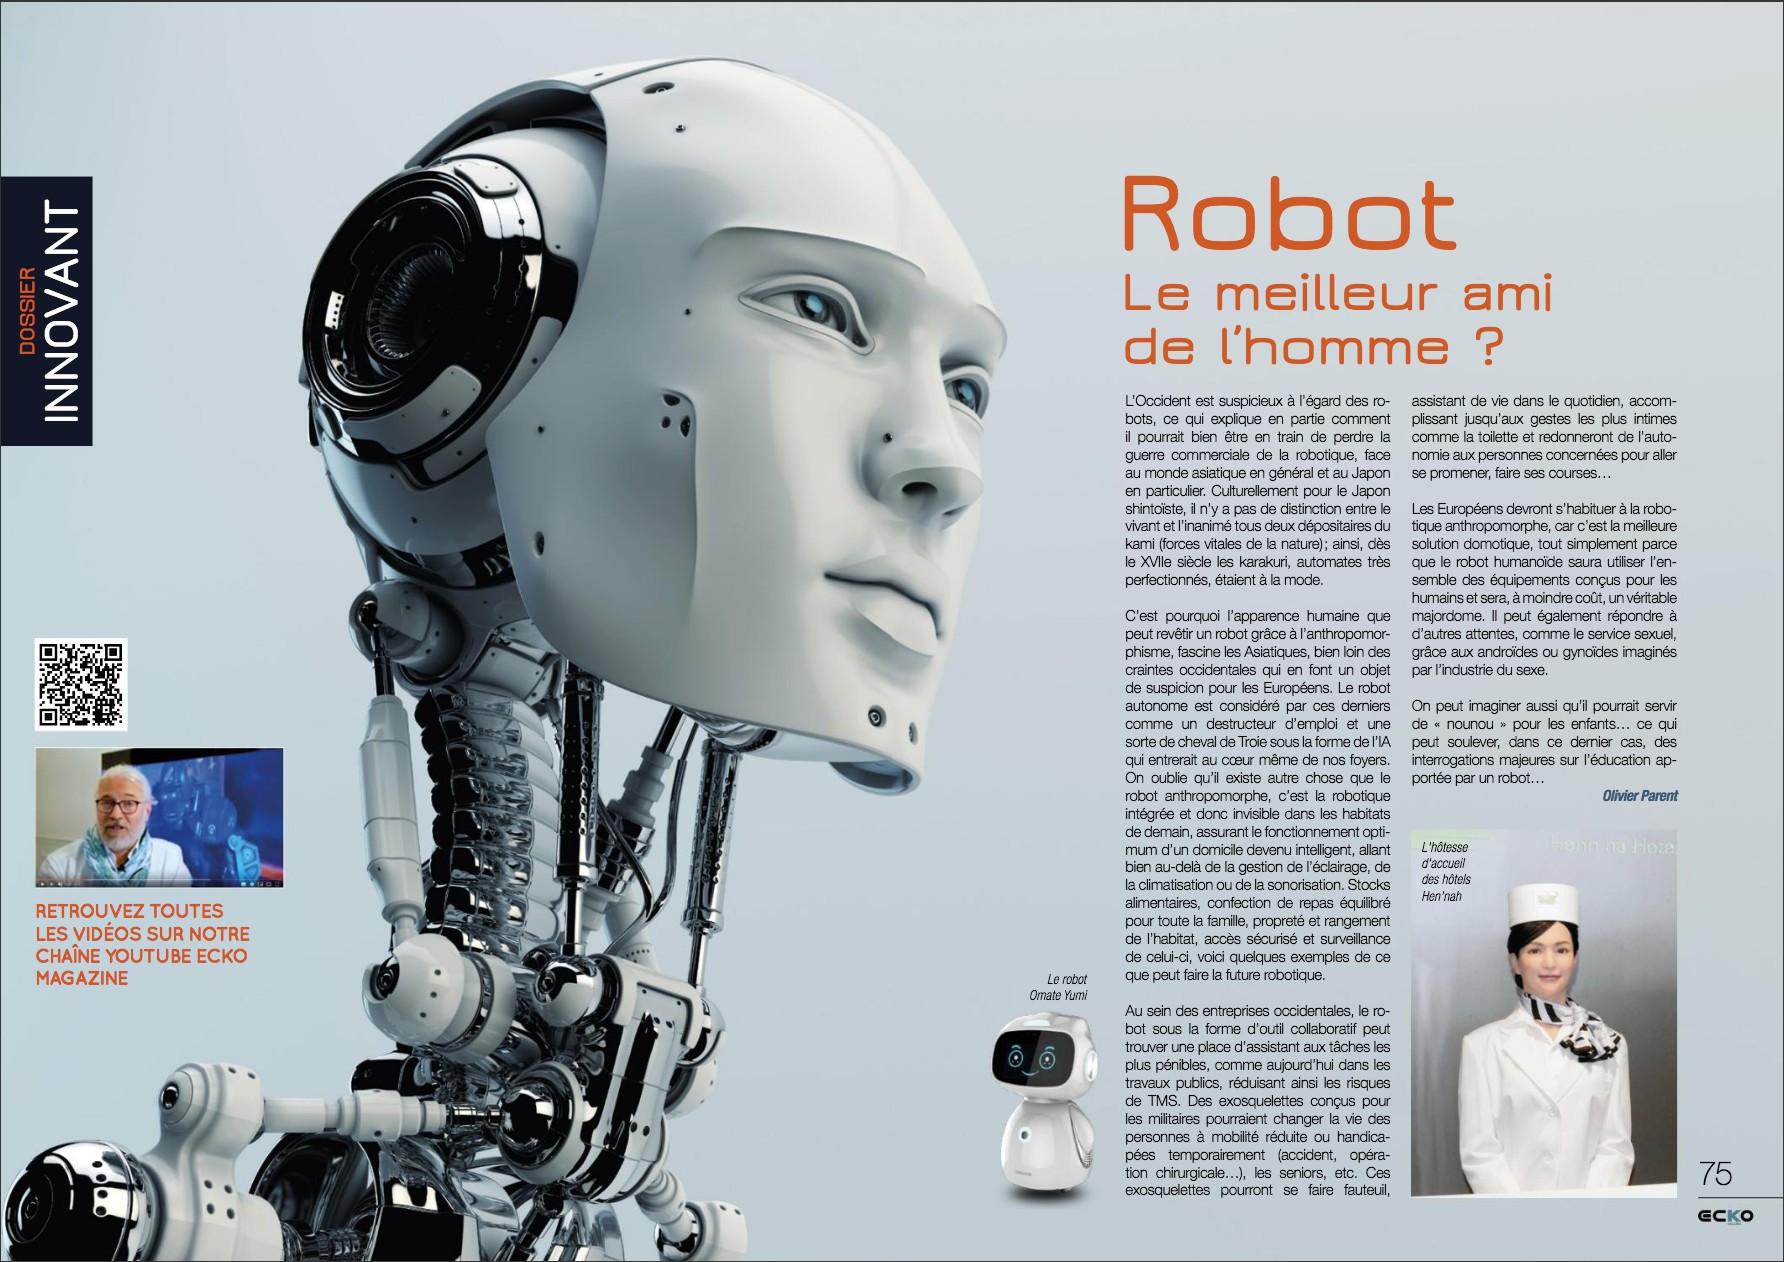 Ce que les ROBOTS nous disent sur demain | ECKO MAG